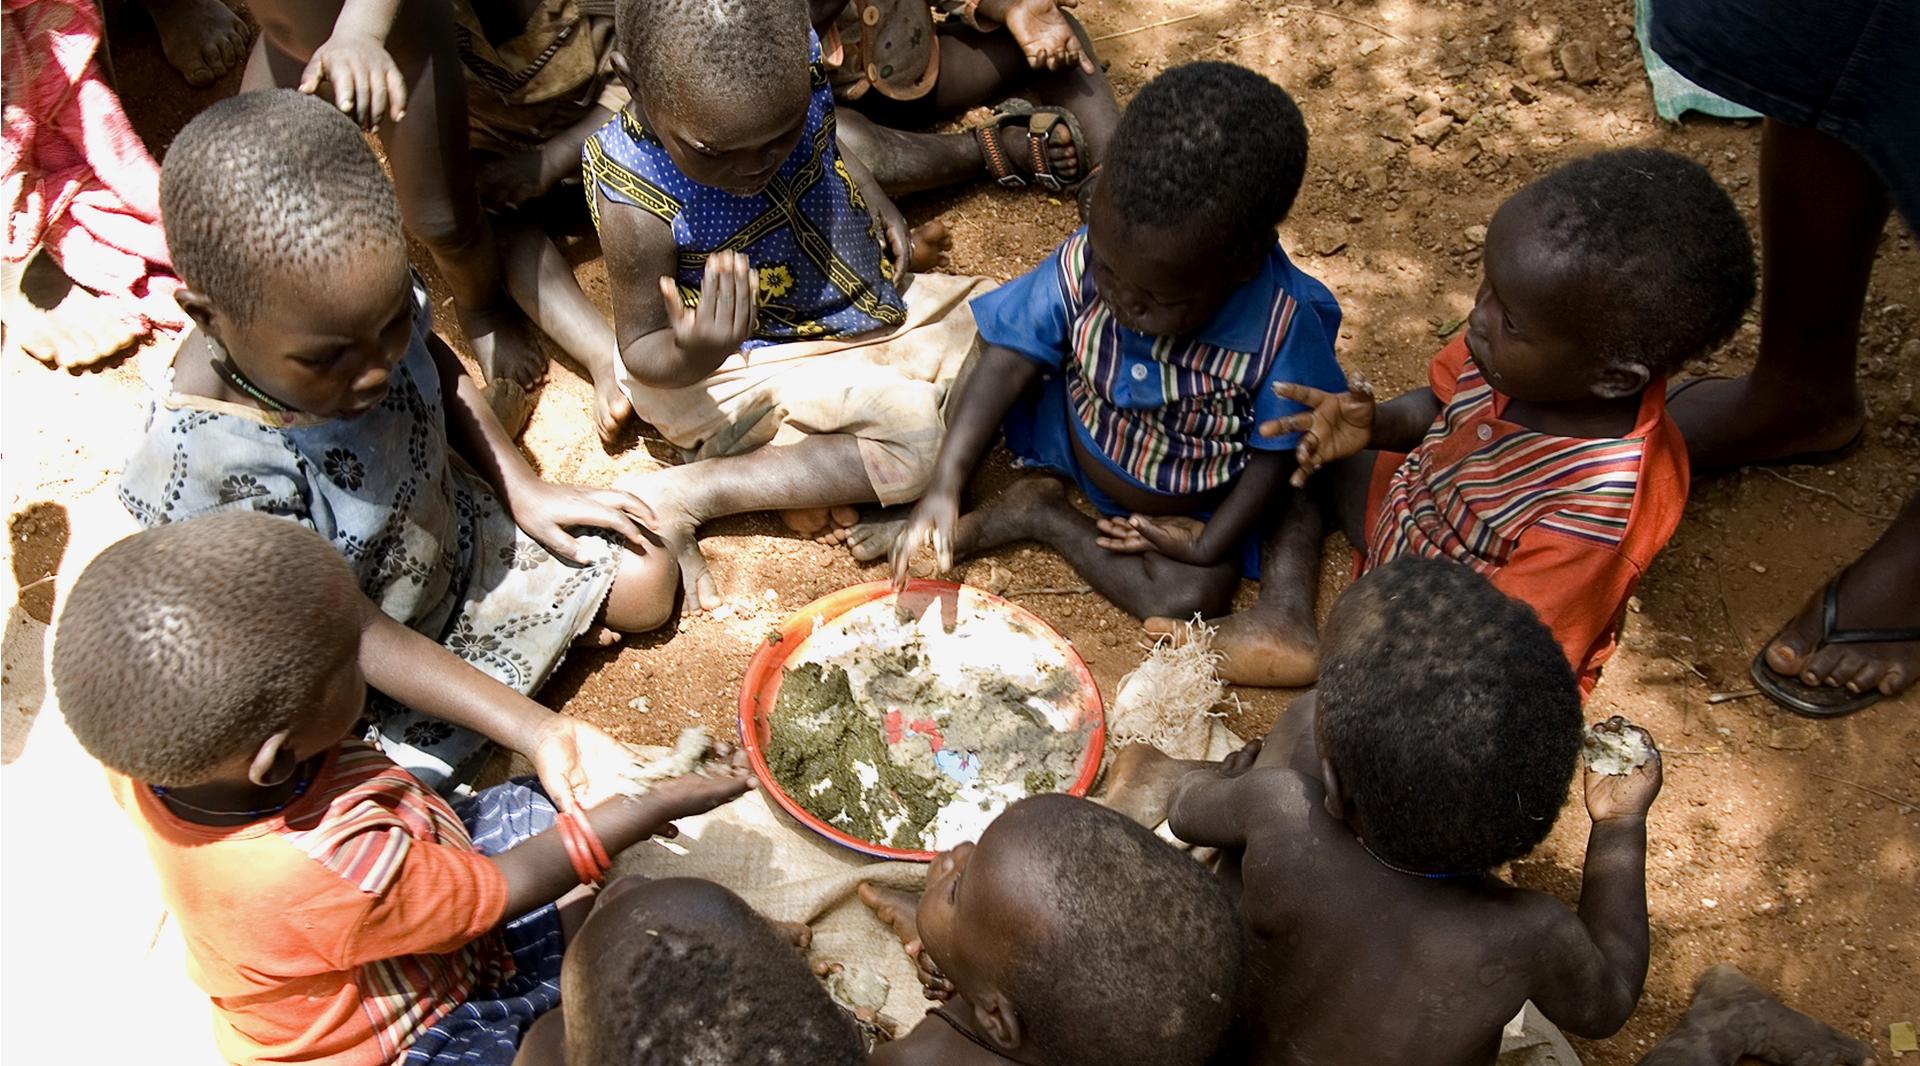 La Giornata Mondiale dell'Alimentazione (16 ottobre) si celebra in tutto il mondo per ricordare la data di fondazione della FAO, l'Organizzazione delle Nazioni Unite per l'alimentazione e l'agricoltura.